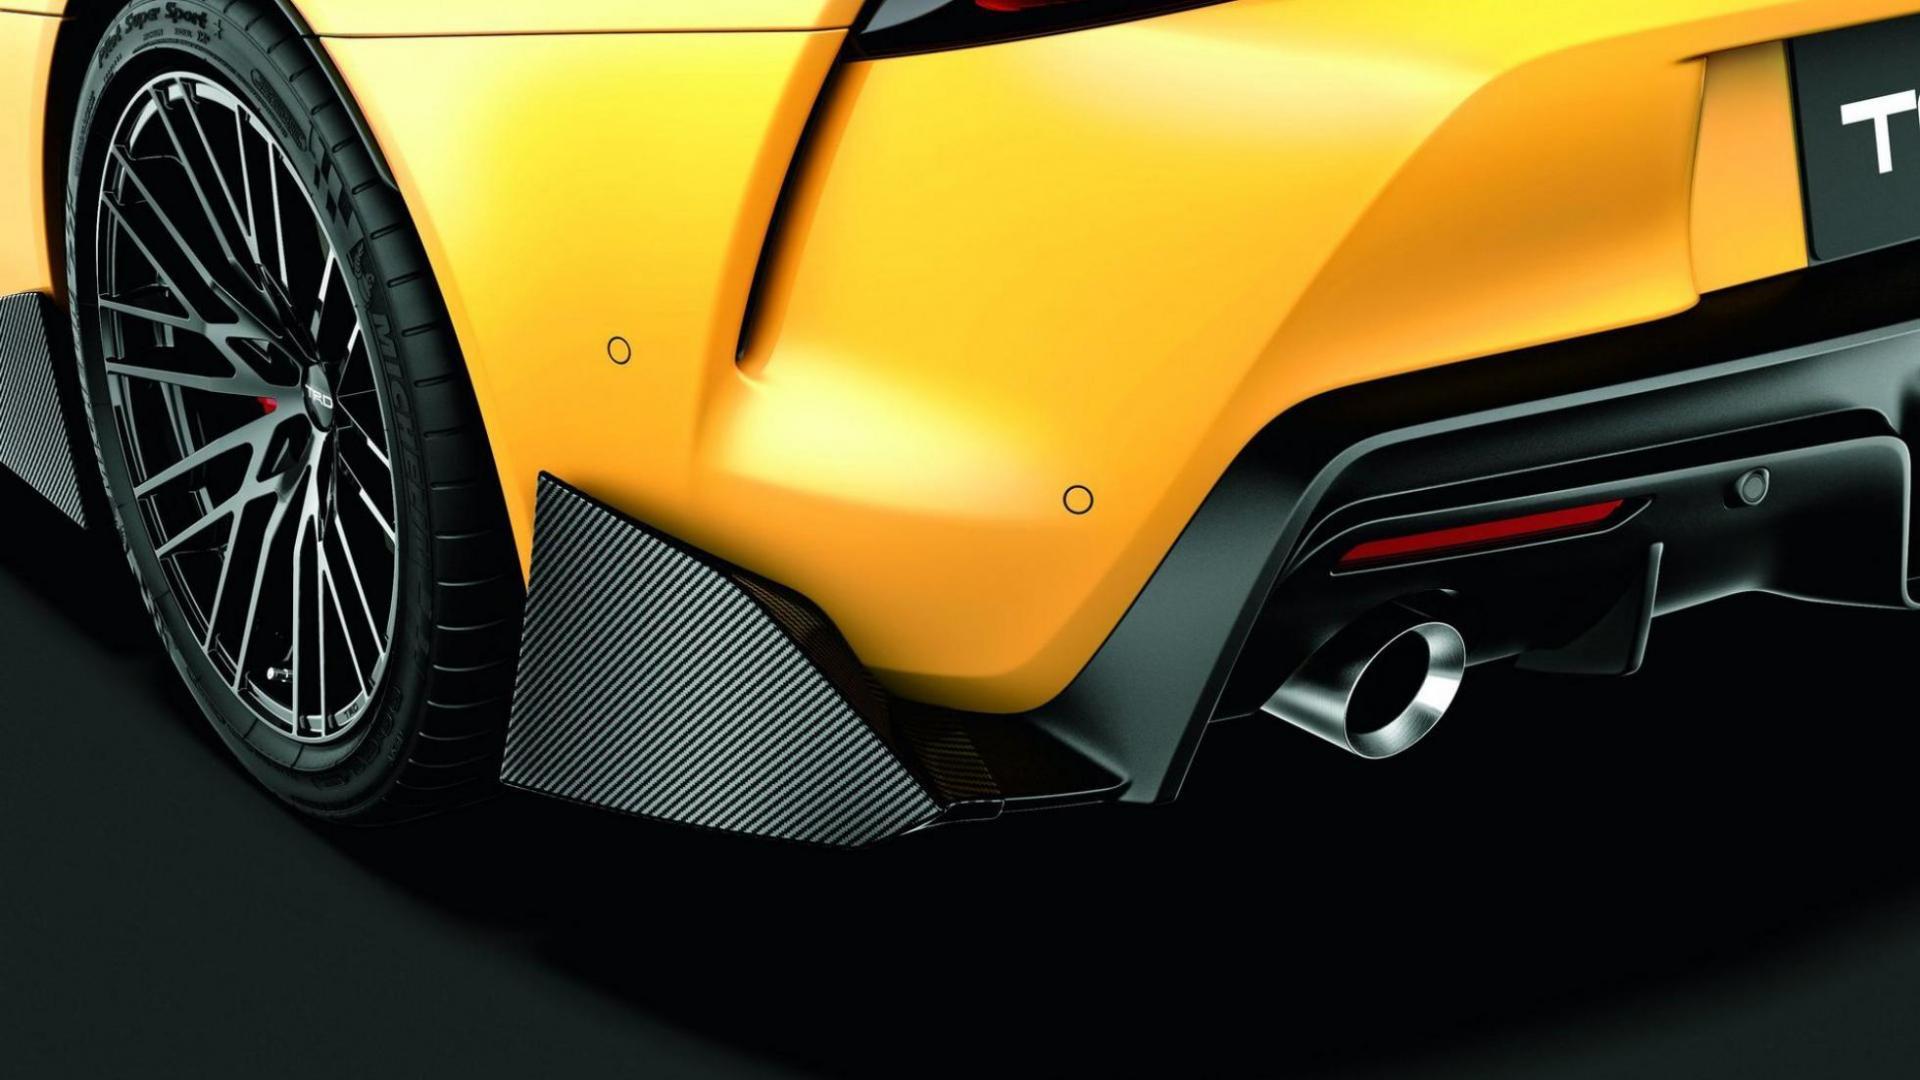 Toyota Supra TRD-onderdelen zijskirt